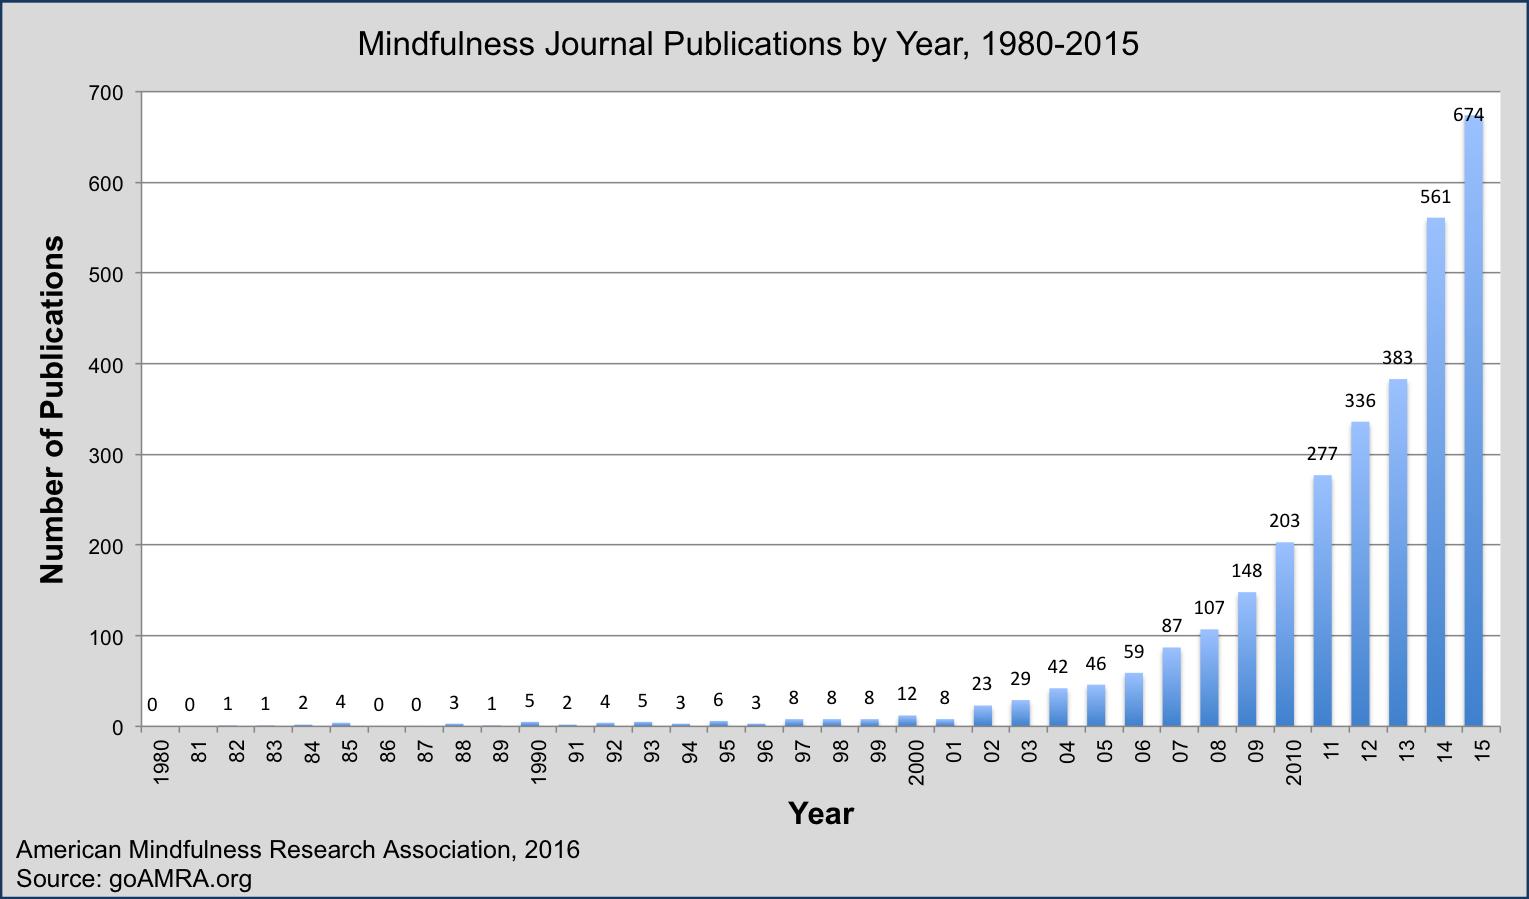 grafic_cercetare_mindfulness